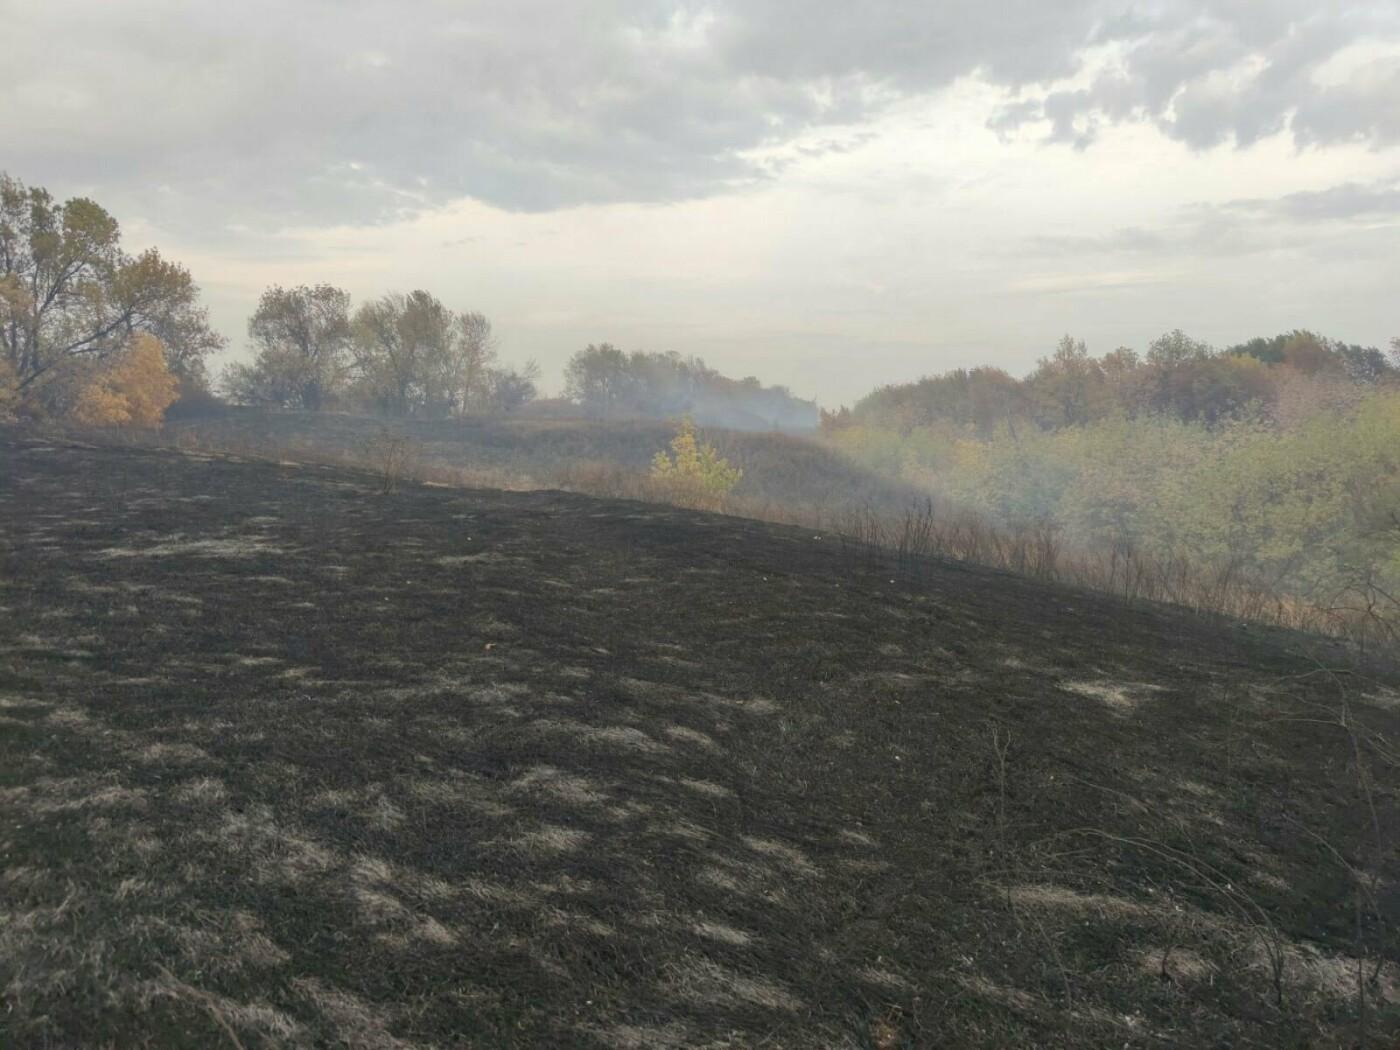 В Харьковской области спасатели потушили более трех десятков пожаров на открытых территориях, - ФОТО, фото-2